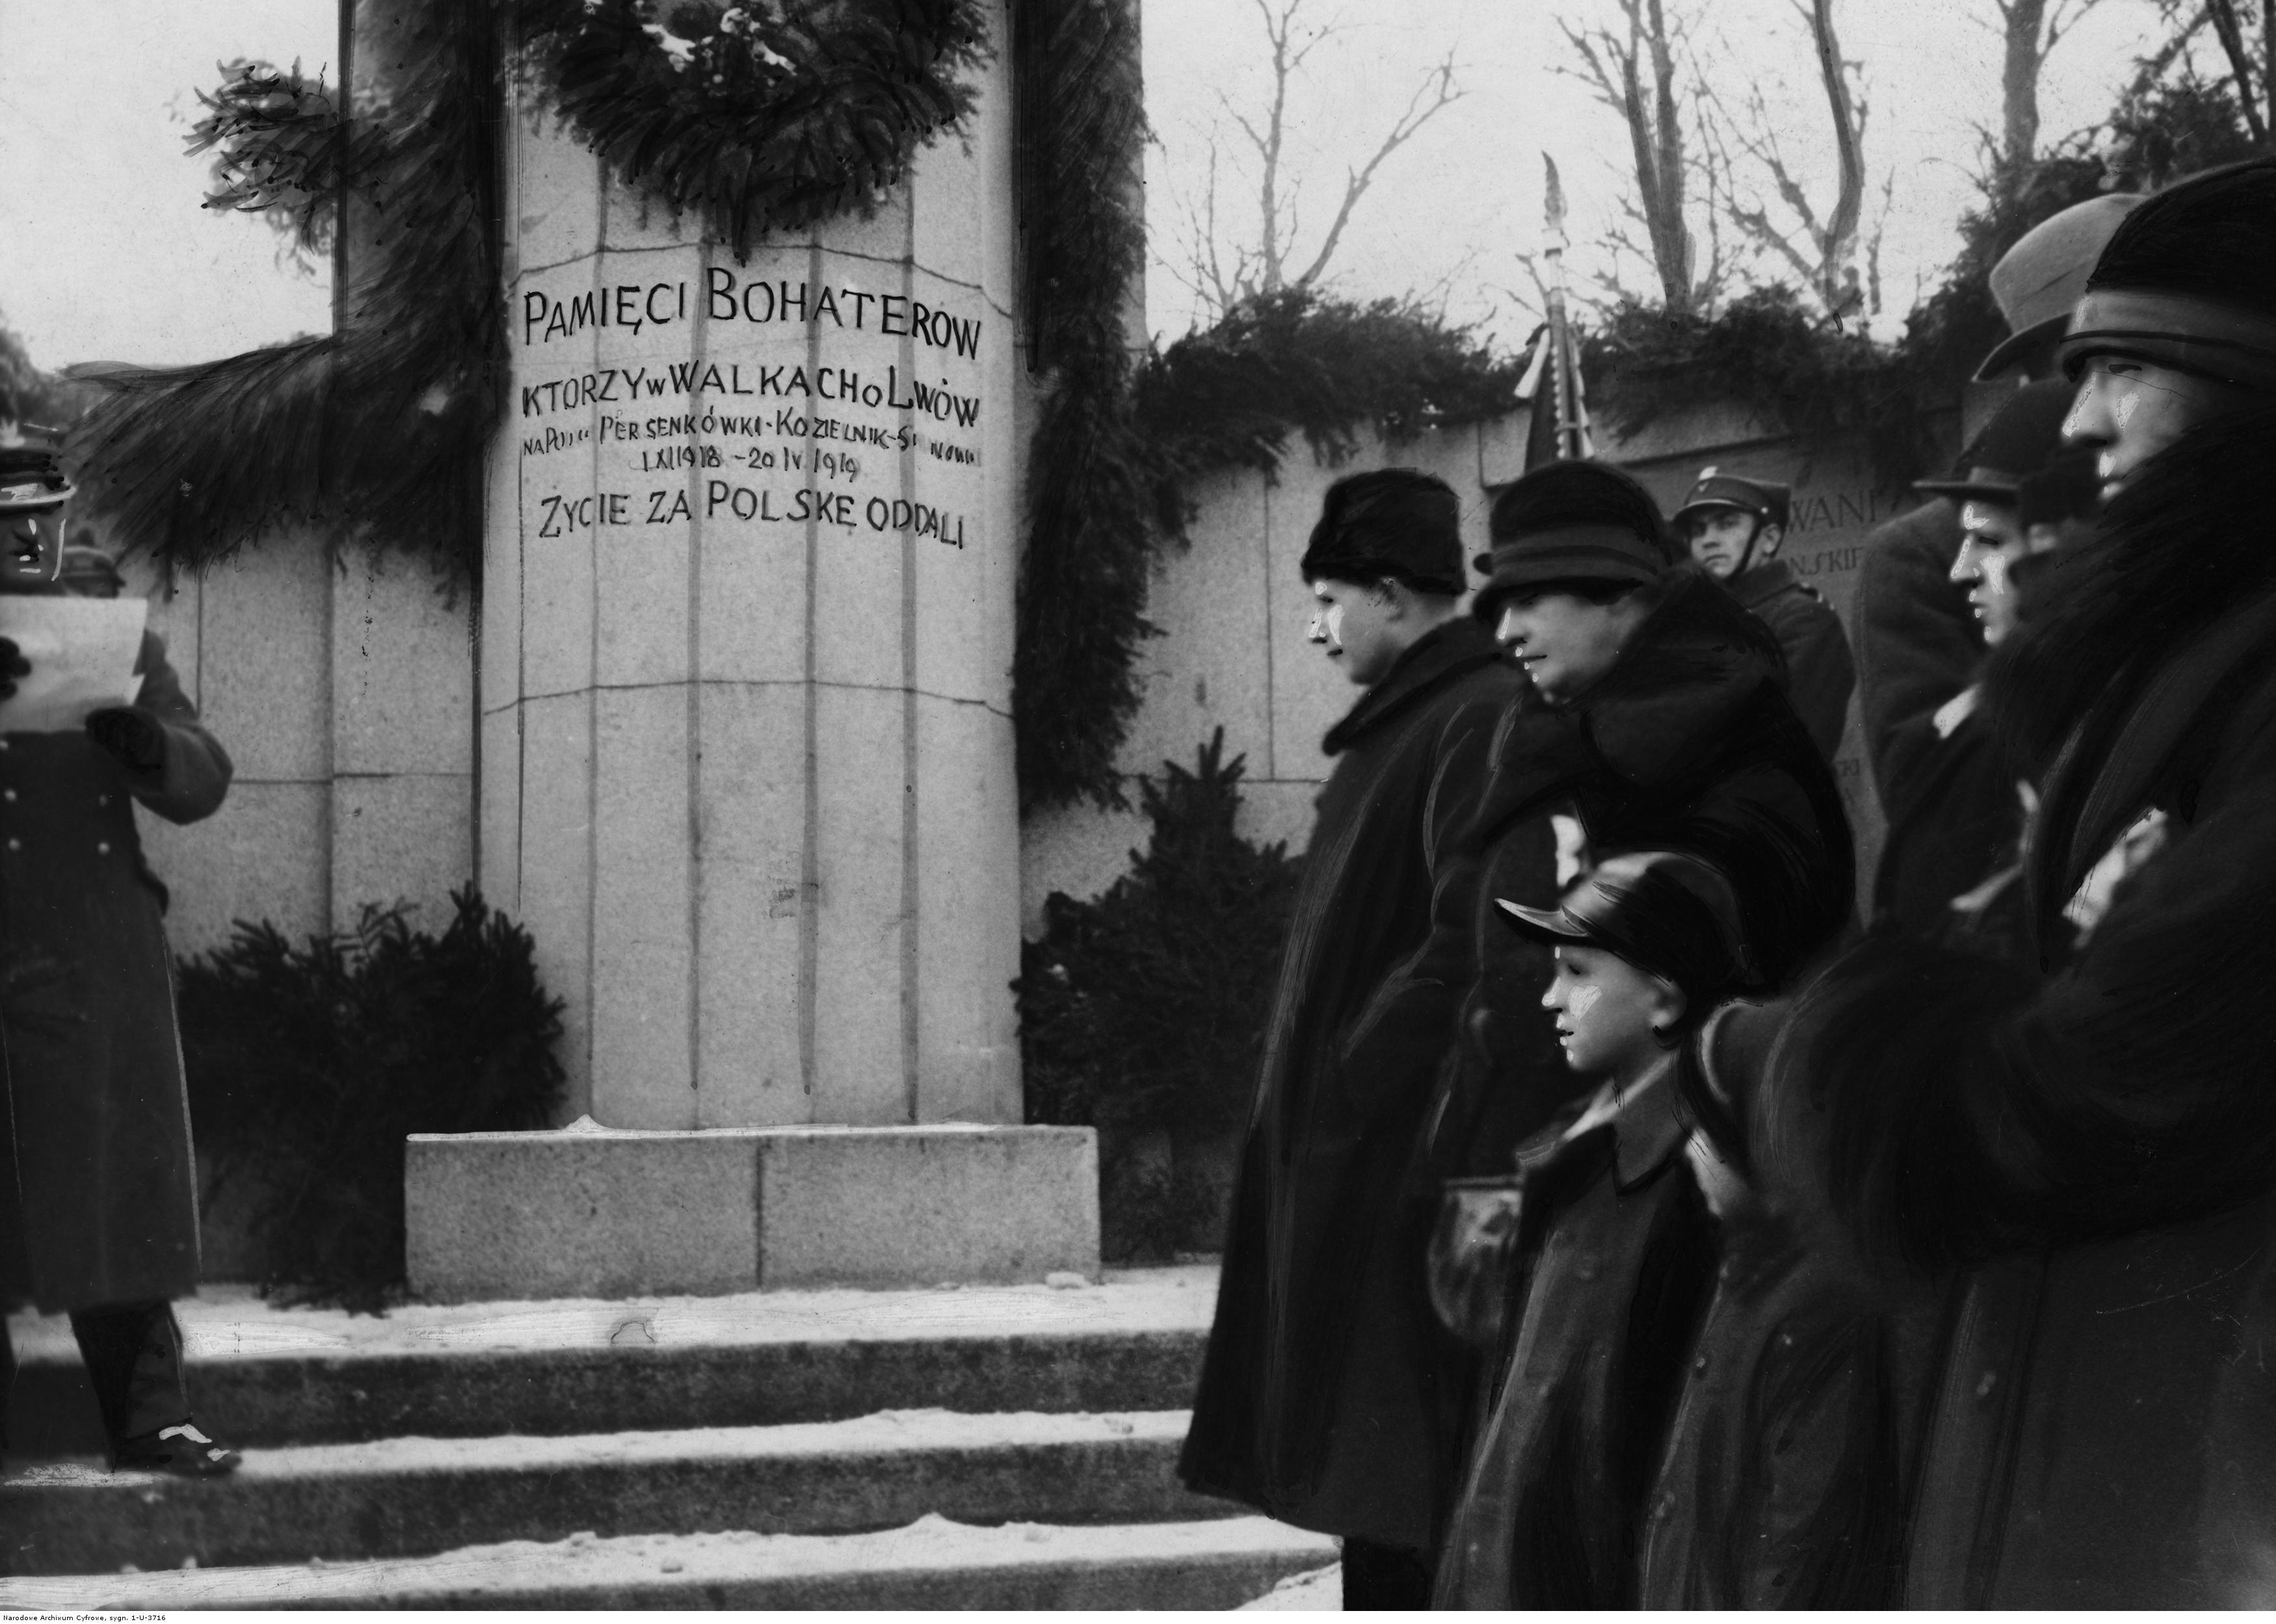 Відкриття монументу загиблим полякам у боротьбі за Персенківку. Джерело: Narodowe Archiwum Cyfrowe